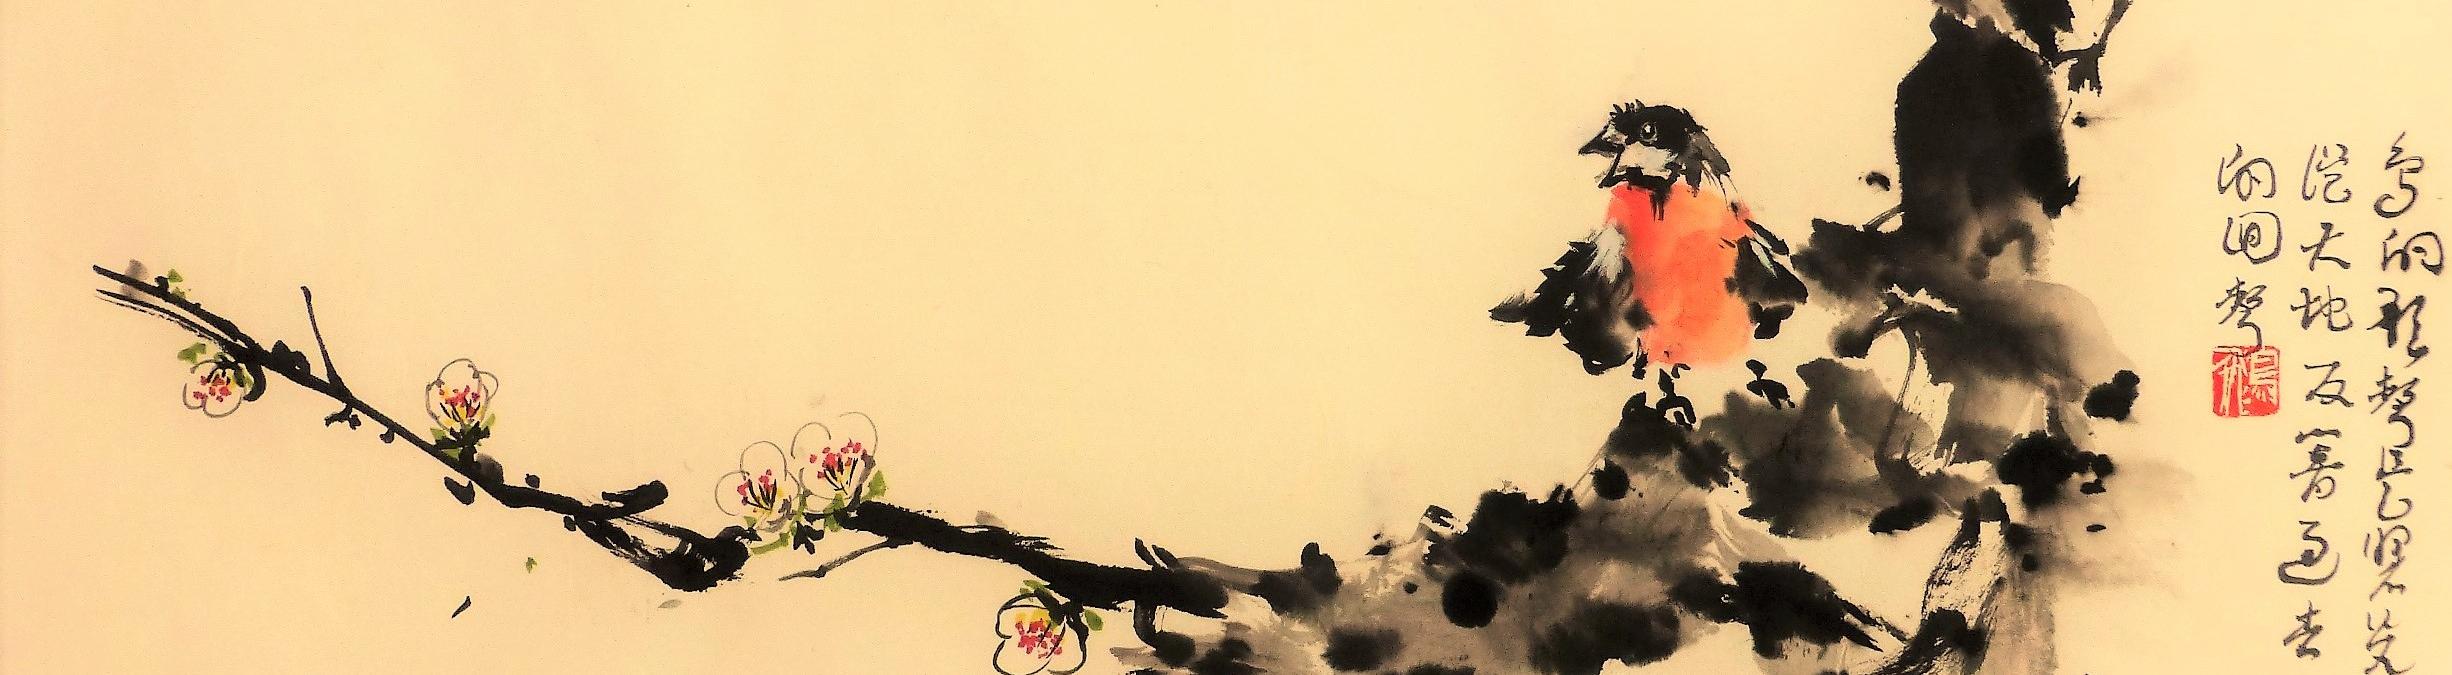 StrayBirds  -  Peinture Chinoise, Sumi-e